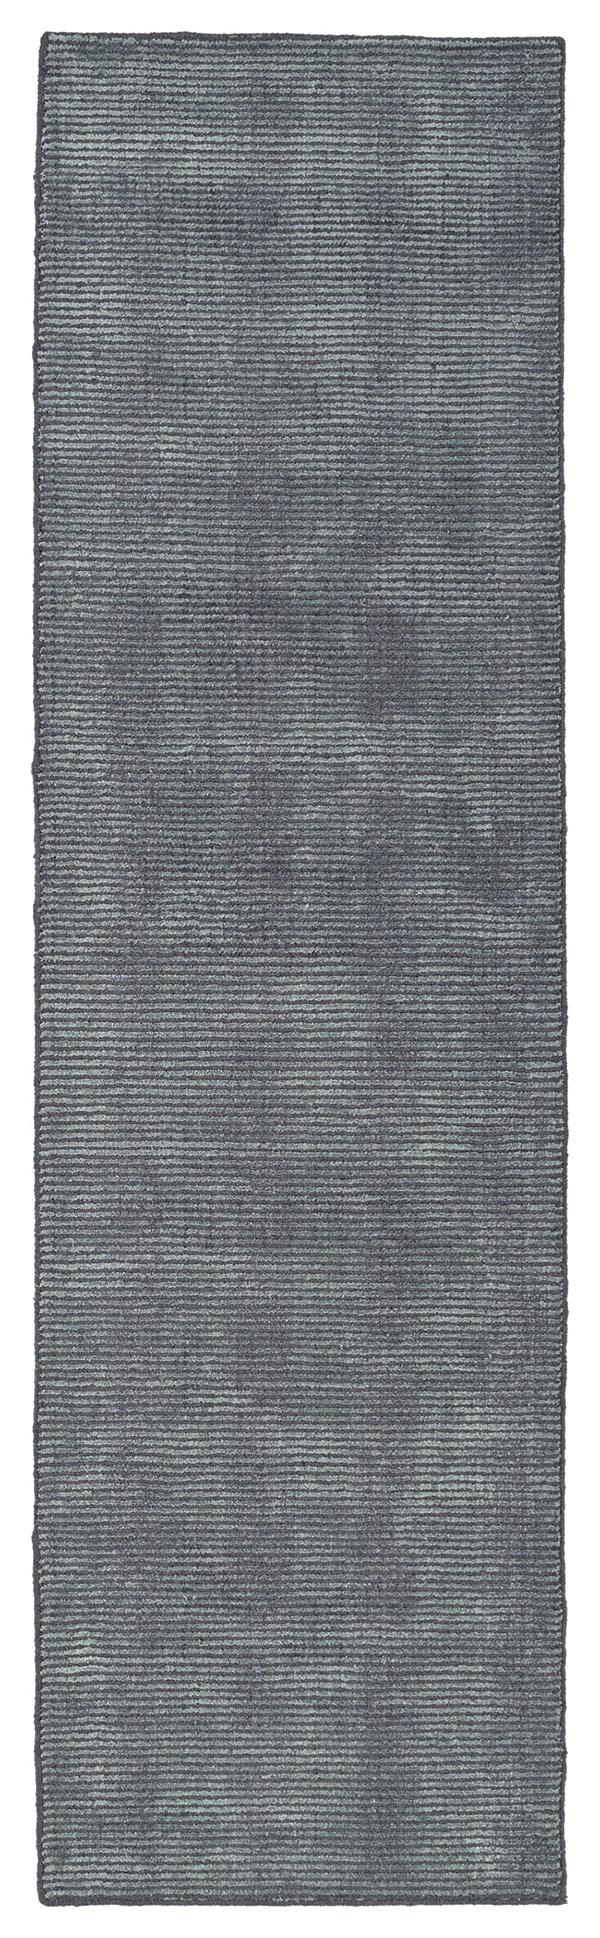 Carbon, Dark Grey (85) Casual Area Rug